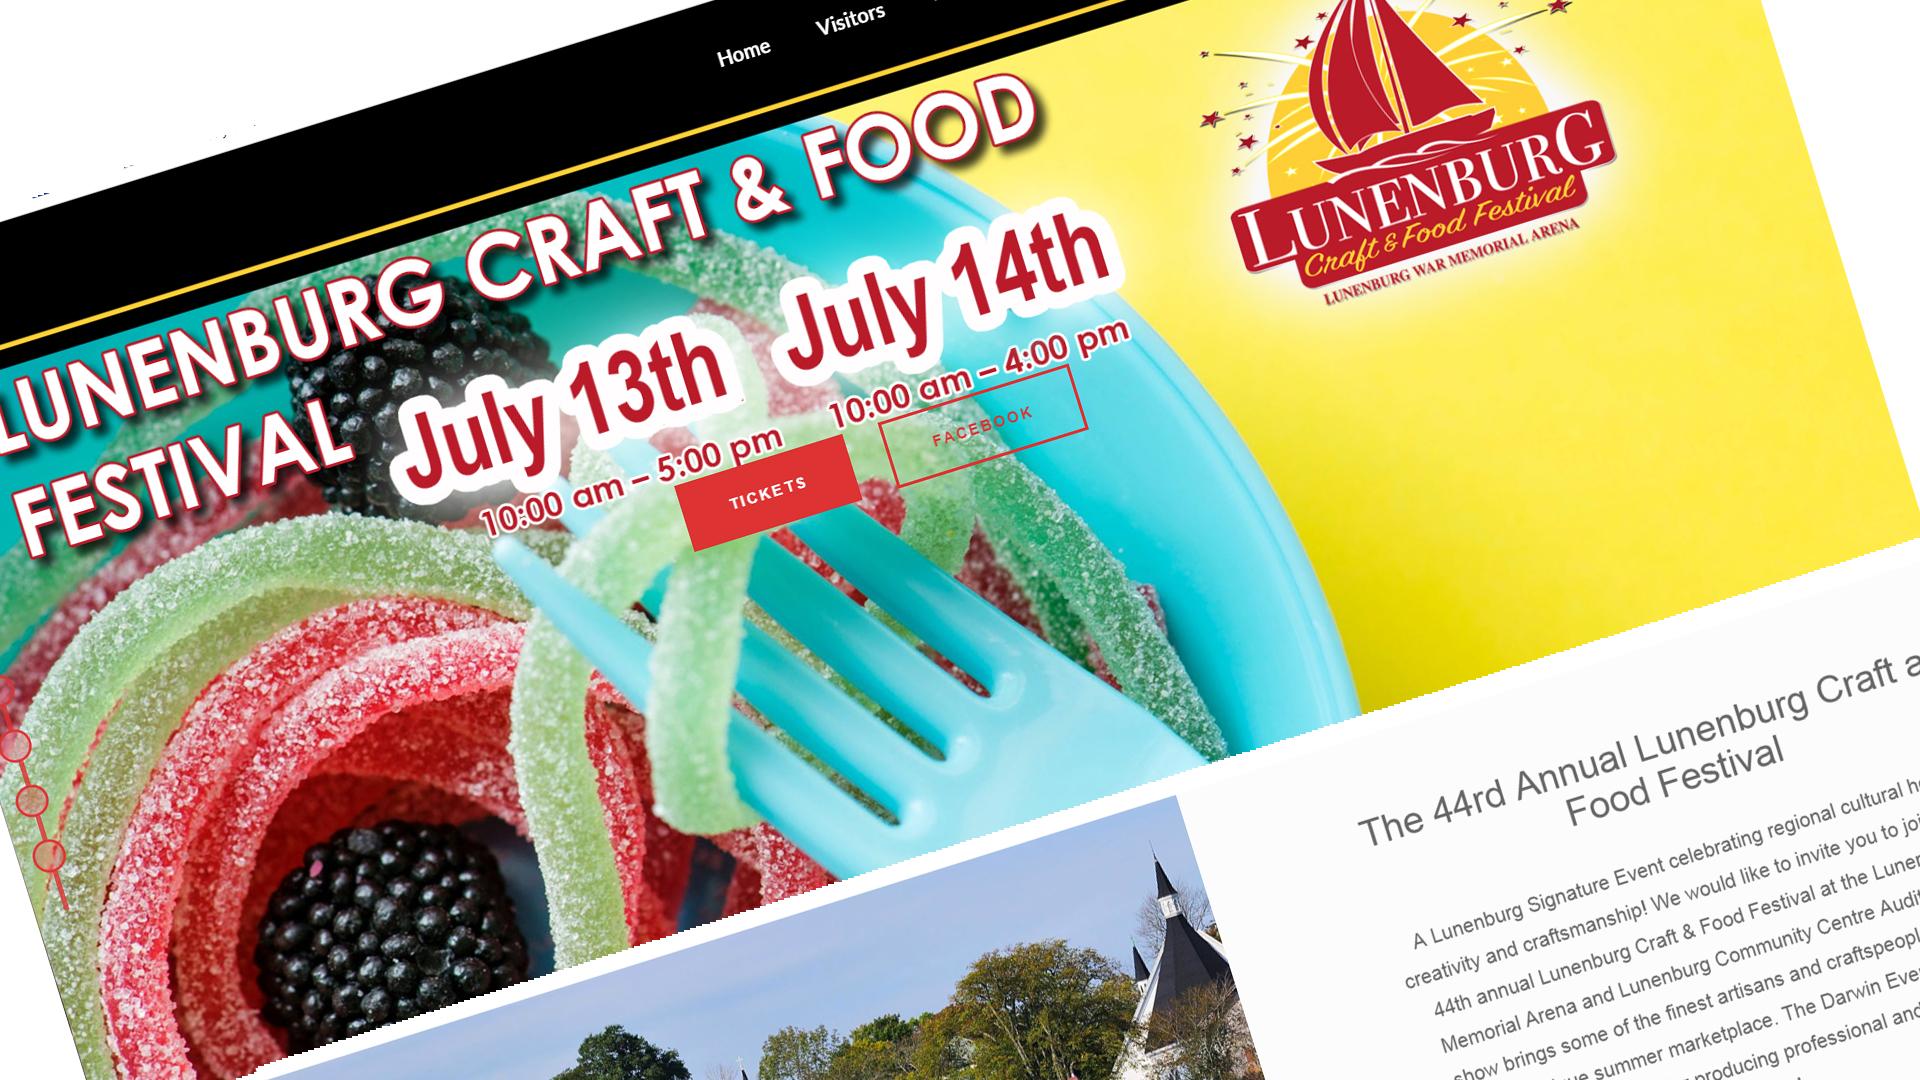 Lunenburg Festival